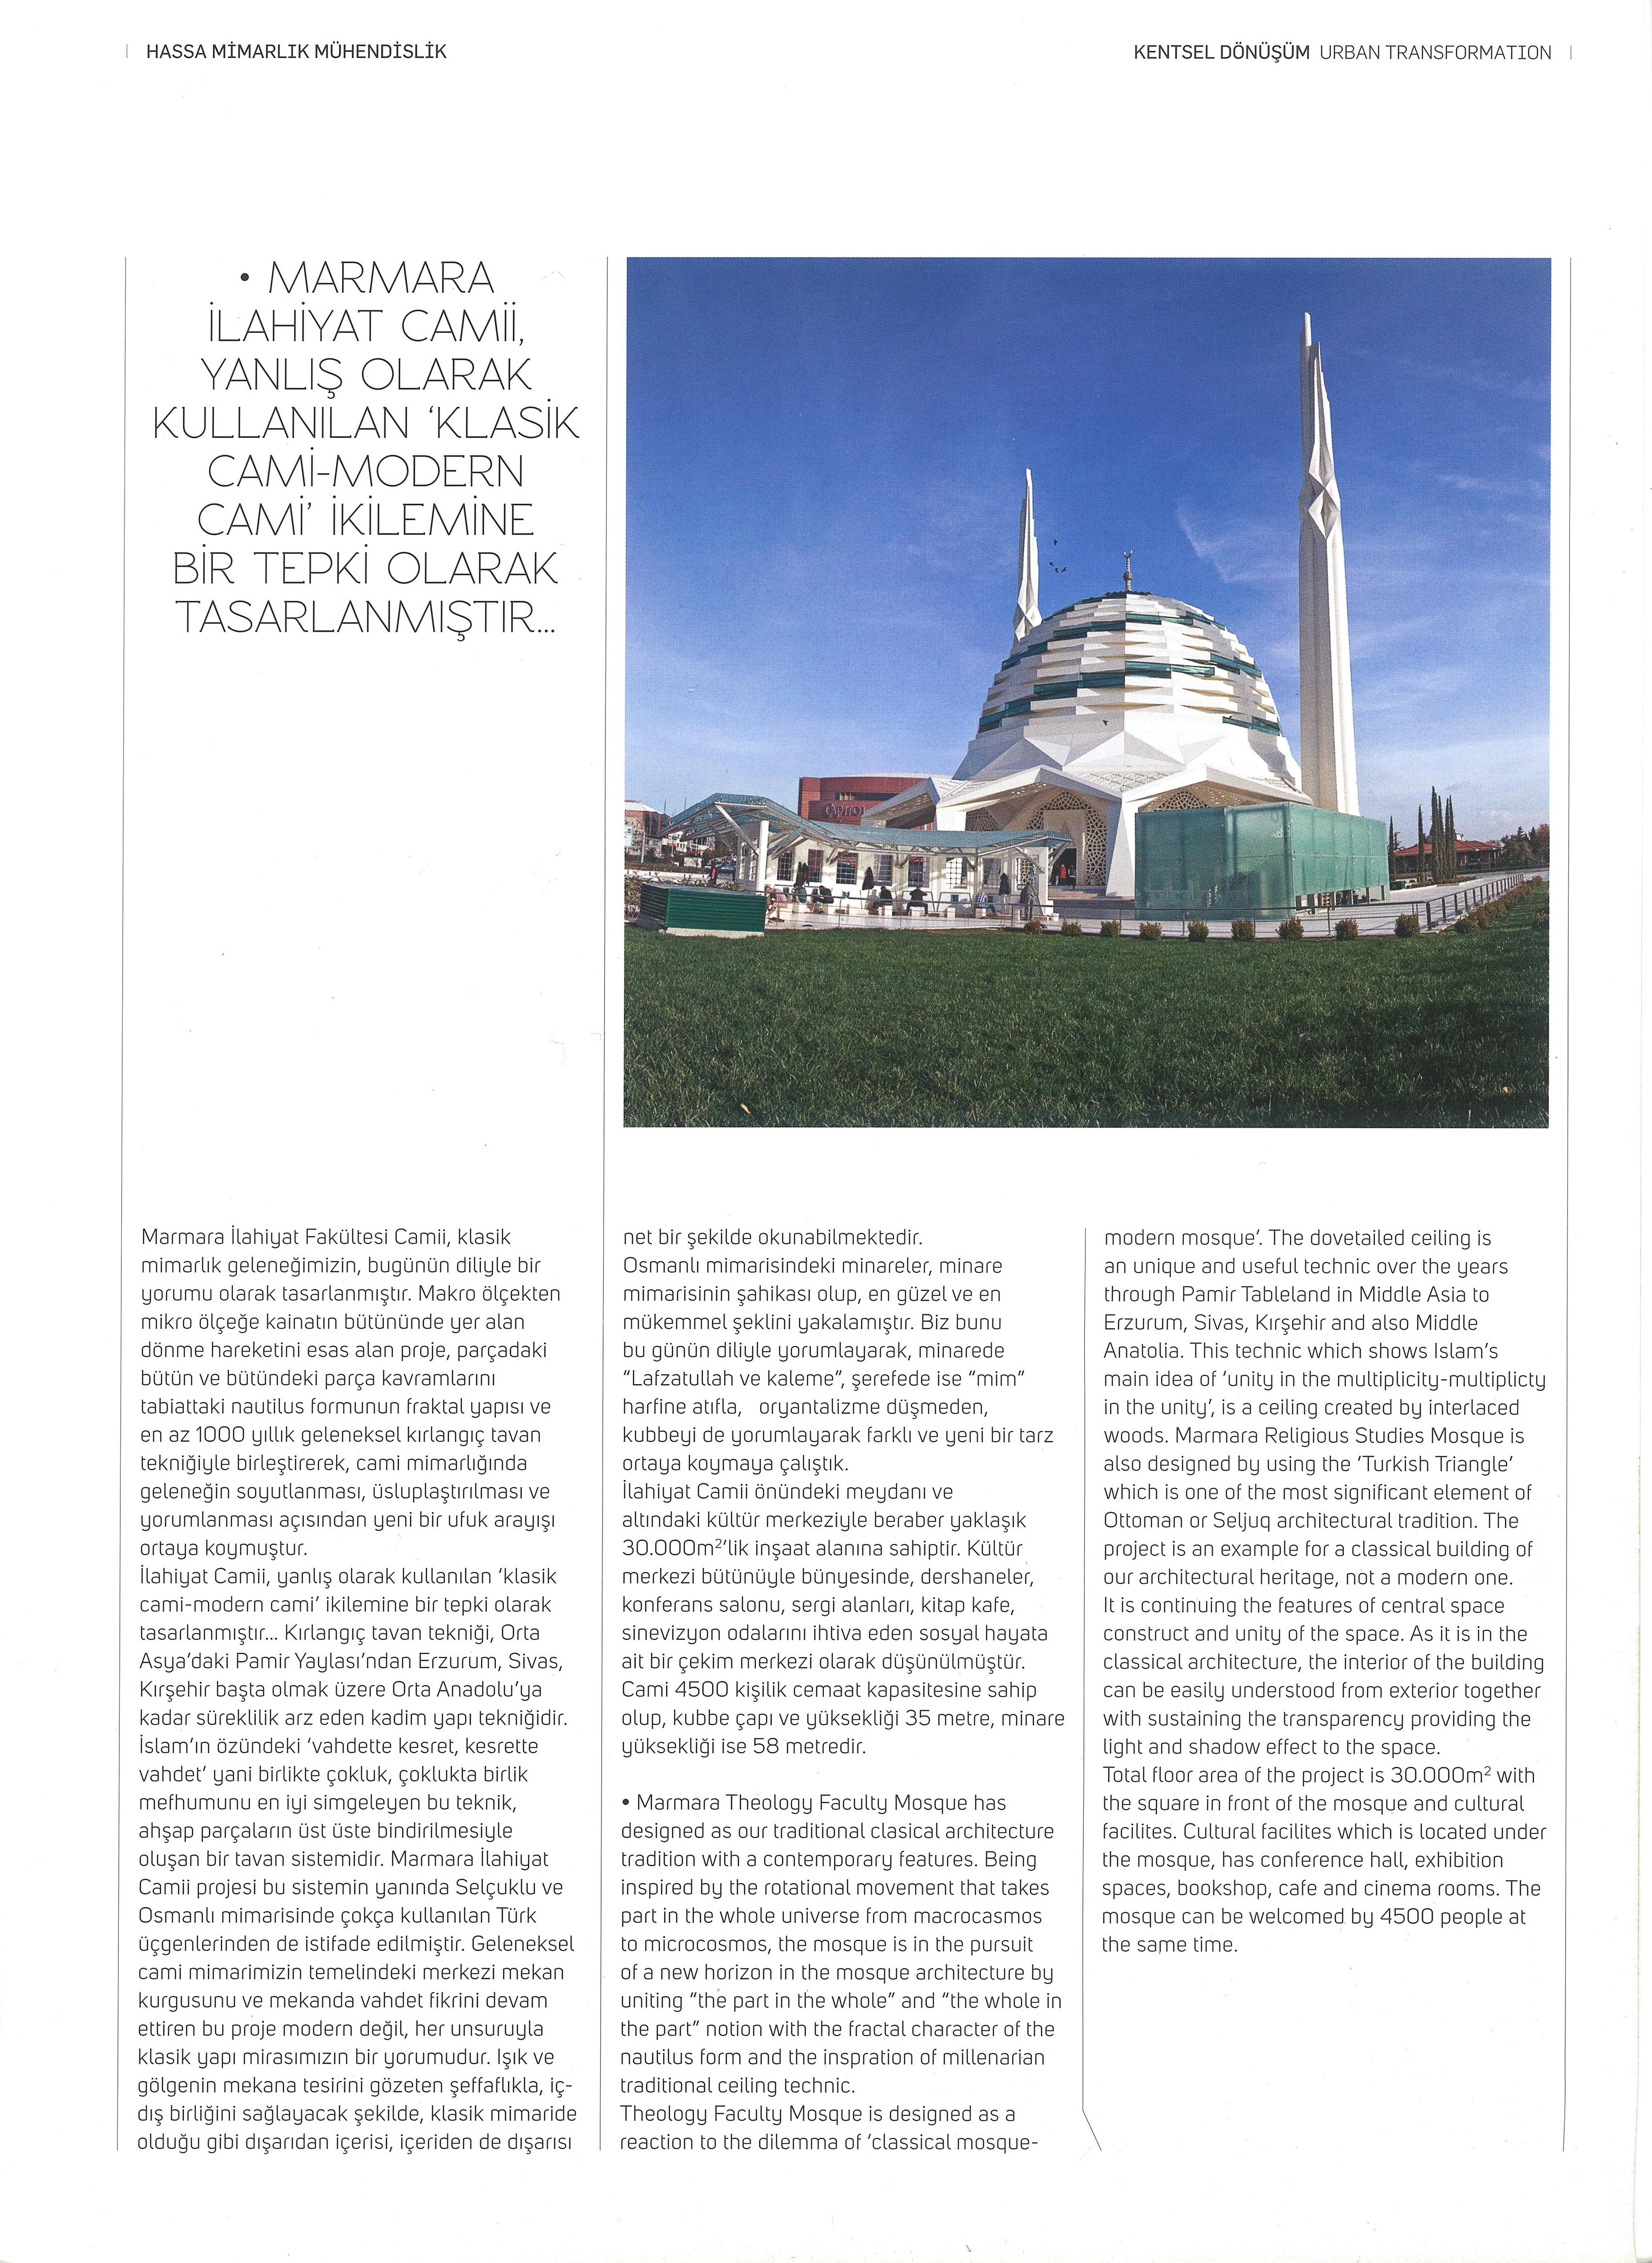 Marmara İlahiyat Fakültesi Camii